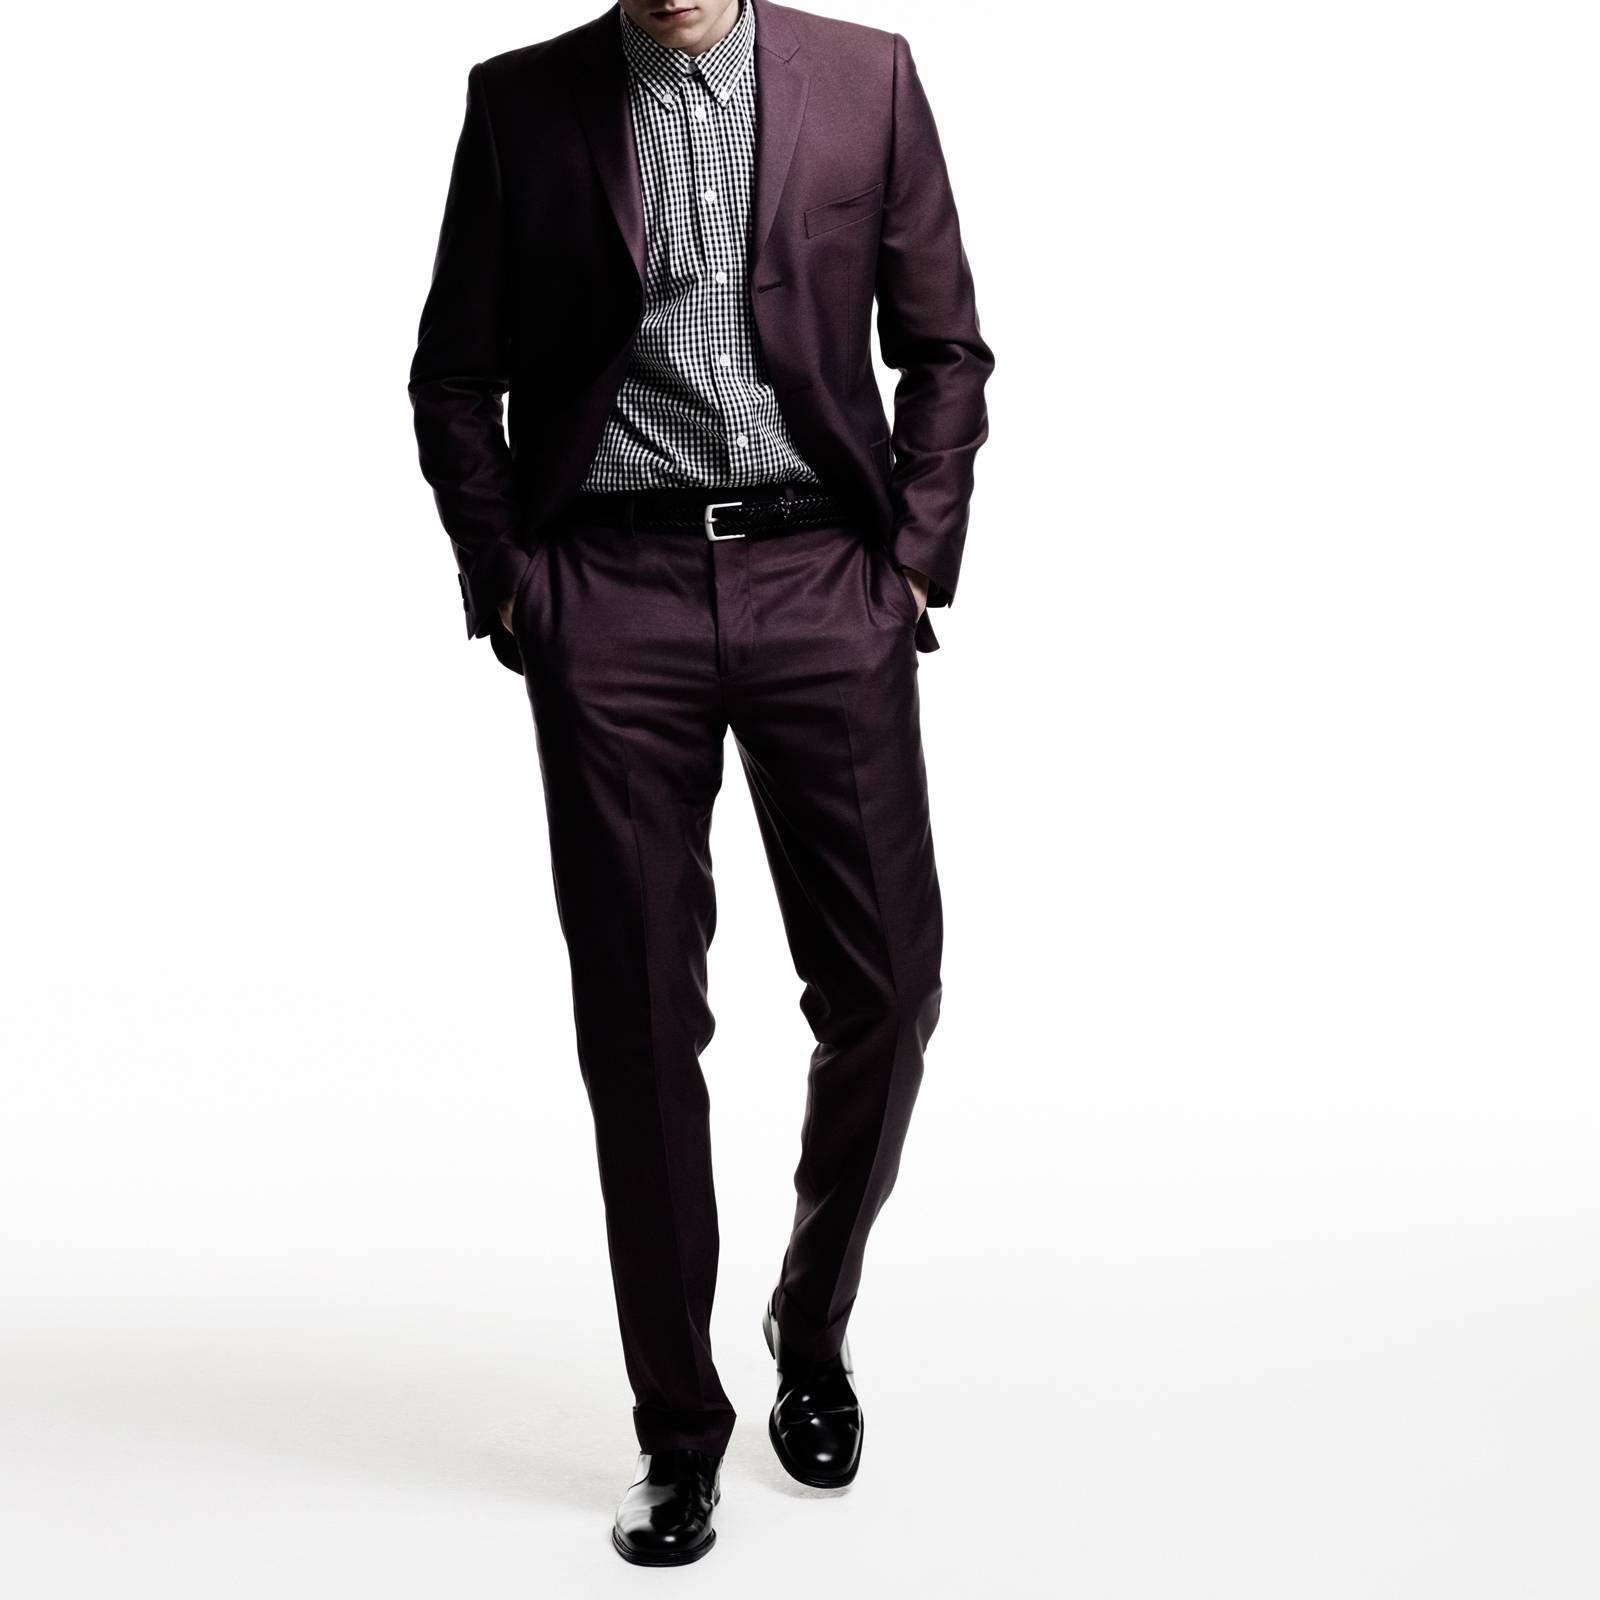 Брюки Gin TrsКостюмы и пиджаки<br>Мужской костюм-двойка из мягкой комбинированной ткани с эффектом отлива – современная стилизация исторической модели Tonic Suit – иконы mod look 60-х, прославленной британскими модами Свингующего Лондона. Прилегающий пиджак с узкими лацканами и декоративны двойным карманом справа, атласная малиновая подкладка, сужающиеся к низу брюки, – именно в такой костюм одевался культовый персонаж знаменитого фильма о мод-культуре Quadrophenia (Квадрофения) – лондонский мод Джим. Знаковым, исконным элементом мод стиля было сочетание Tonic Suit с мешковатой защитно-зеленой военной фиштейл паркой, сохранявшей наряд во время поездки на скутере. Сегодня этот костюм отлично вписывается как в формальный, так и в клубный smart casual дресс-код в сочетании с рубашкой button-down и классической обувью Челси или Дерби. Подкладка - 50% полиэстер, 50% ацетат.<br><br>Артикул: 1210109T<br>Материал: 77% полиэстер, 23% вискоза<br>Цвет: бордовый<br>Пол: Мужской